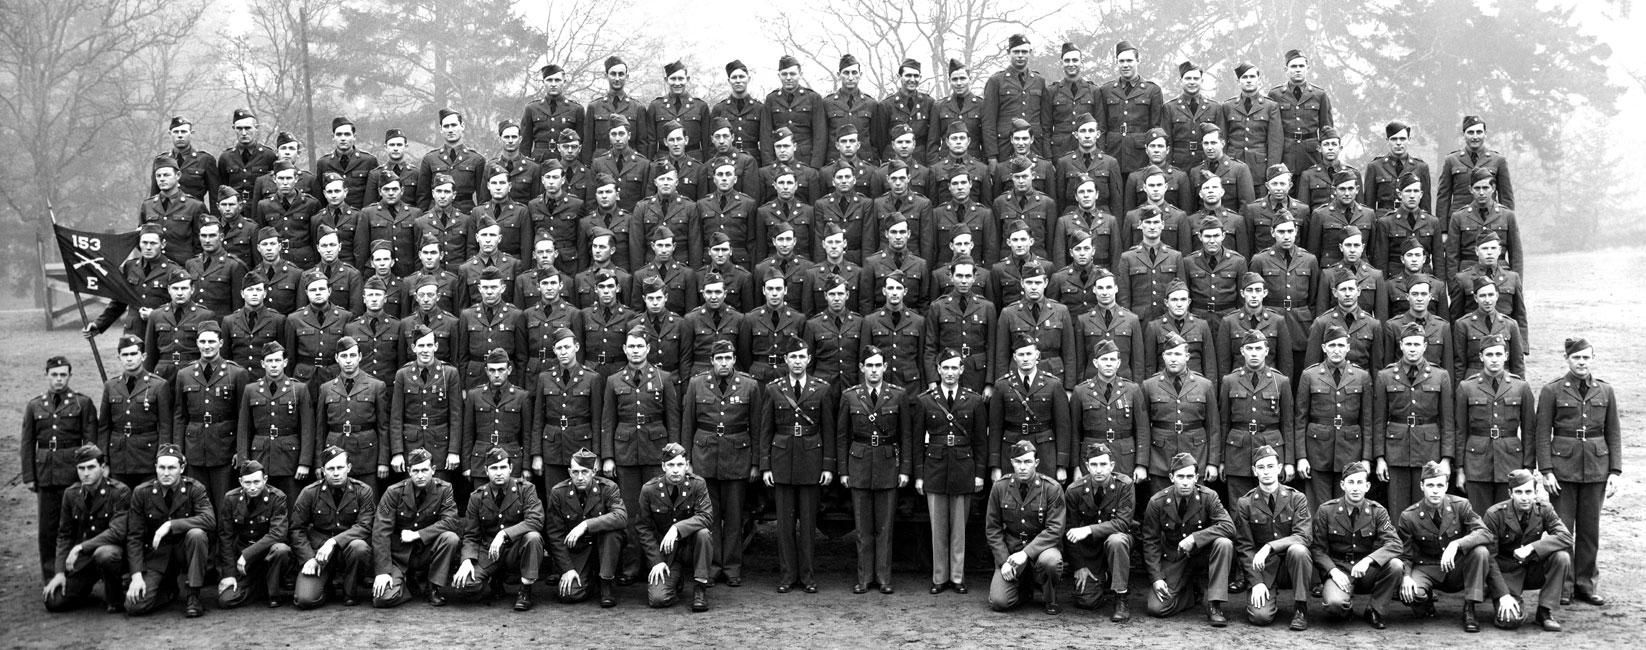 Williwaw War Troops